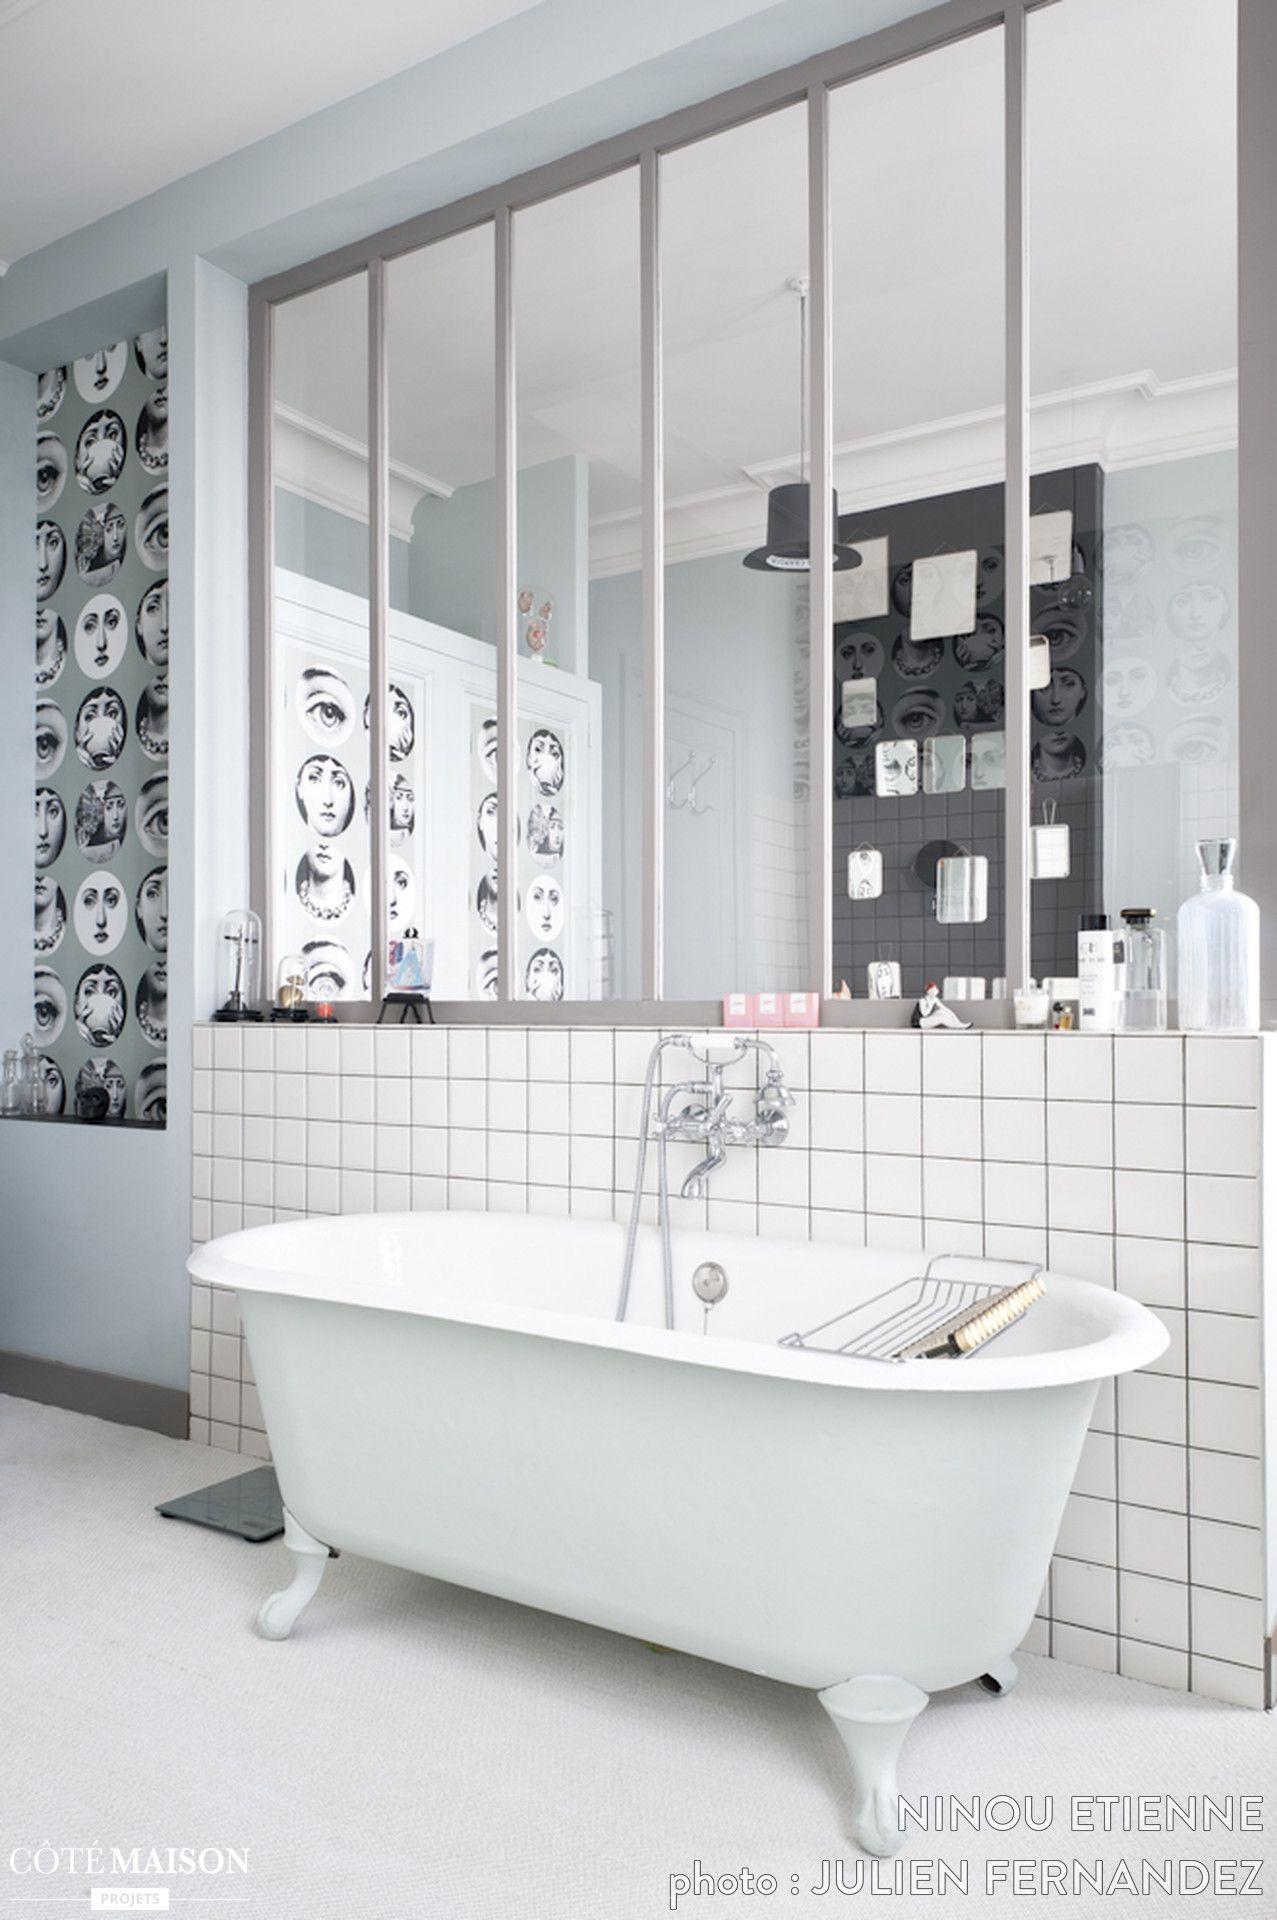 baignoire pattes de lion verri re atelier et hommage fornasetti font de cette salle de bains. Black Bedroom Furniture Sets. Home Design Ideas